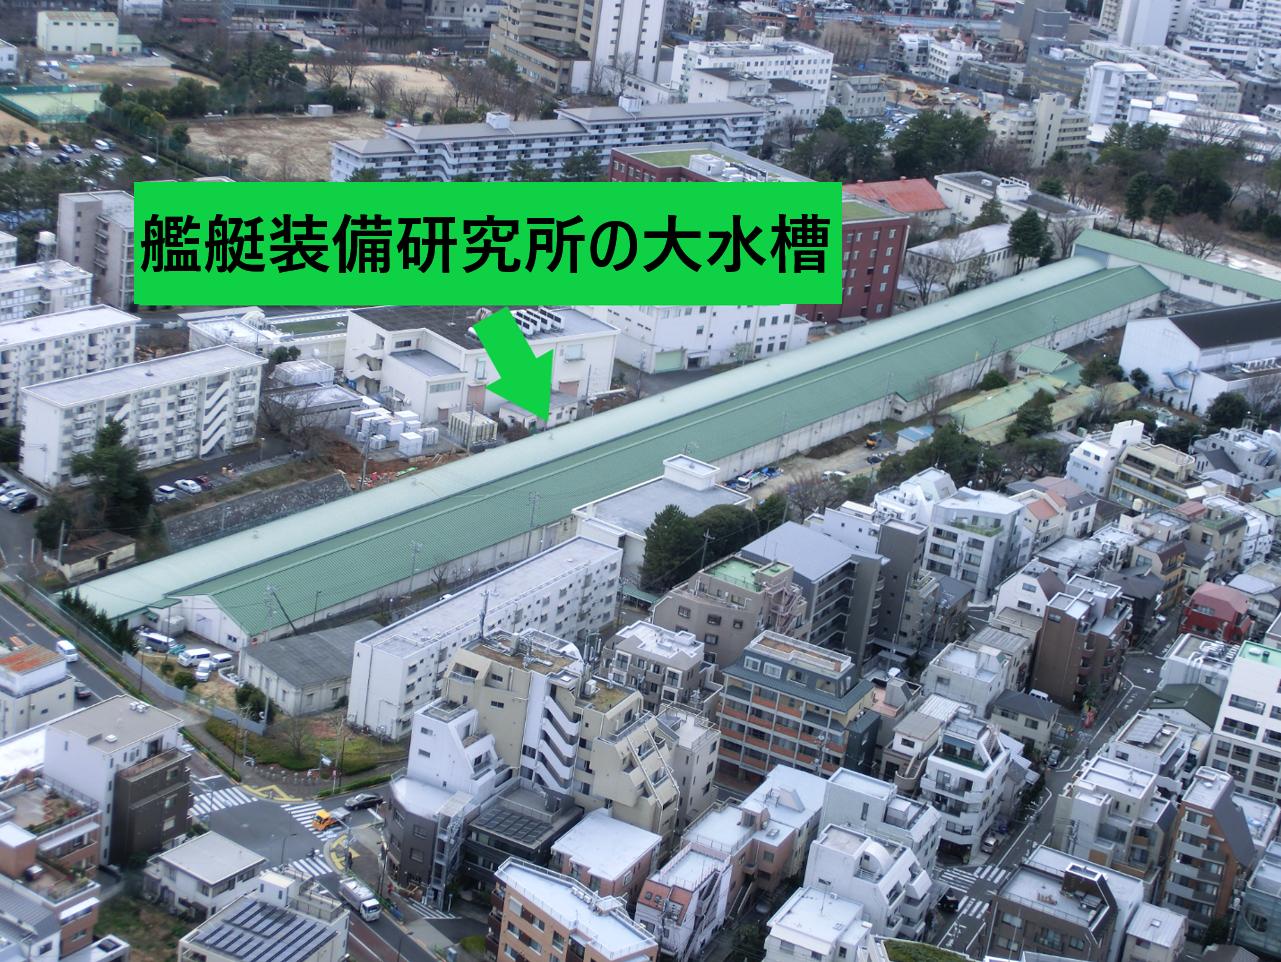 艦艇装備研究所 大水槽 三田用水跡散策6